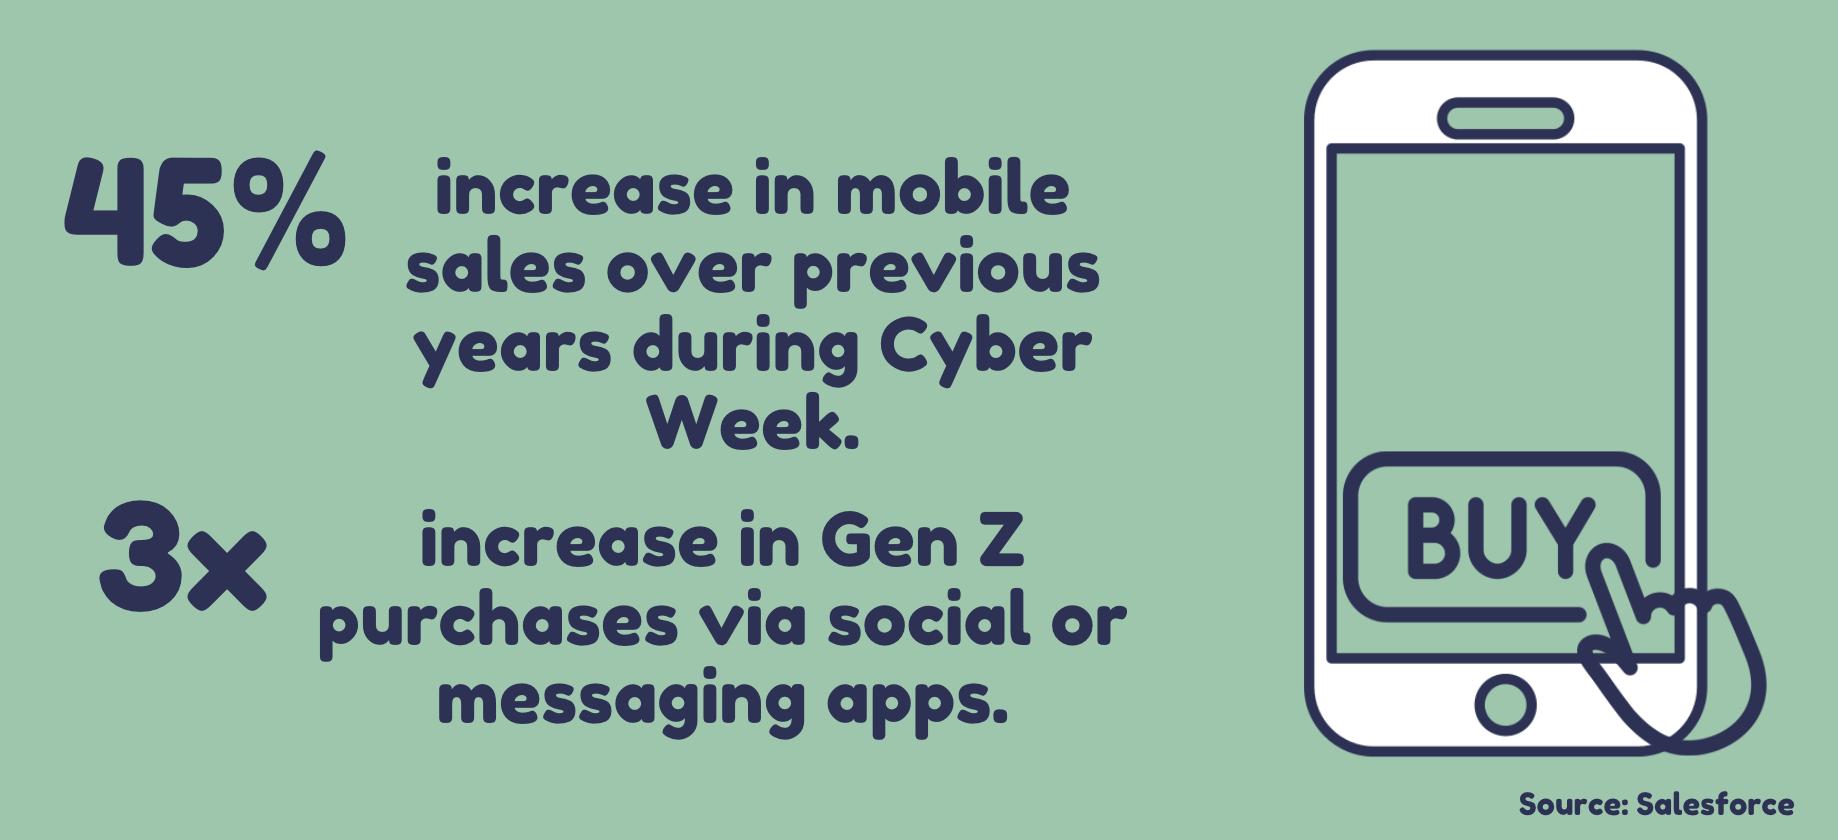 45% increase in mobile sales during Cyber Week